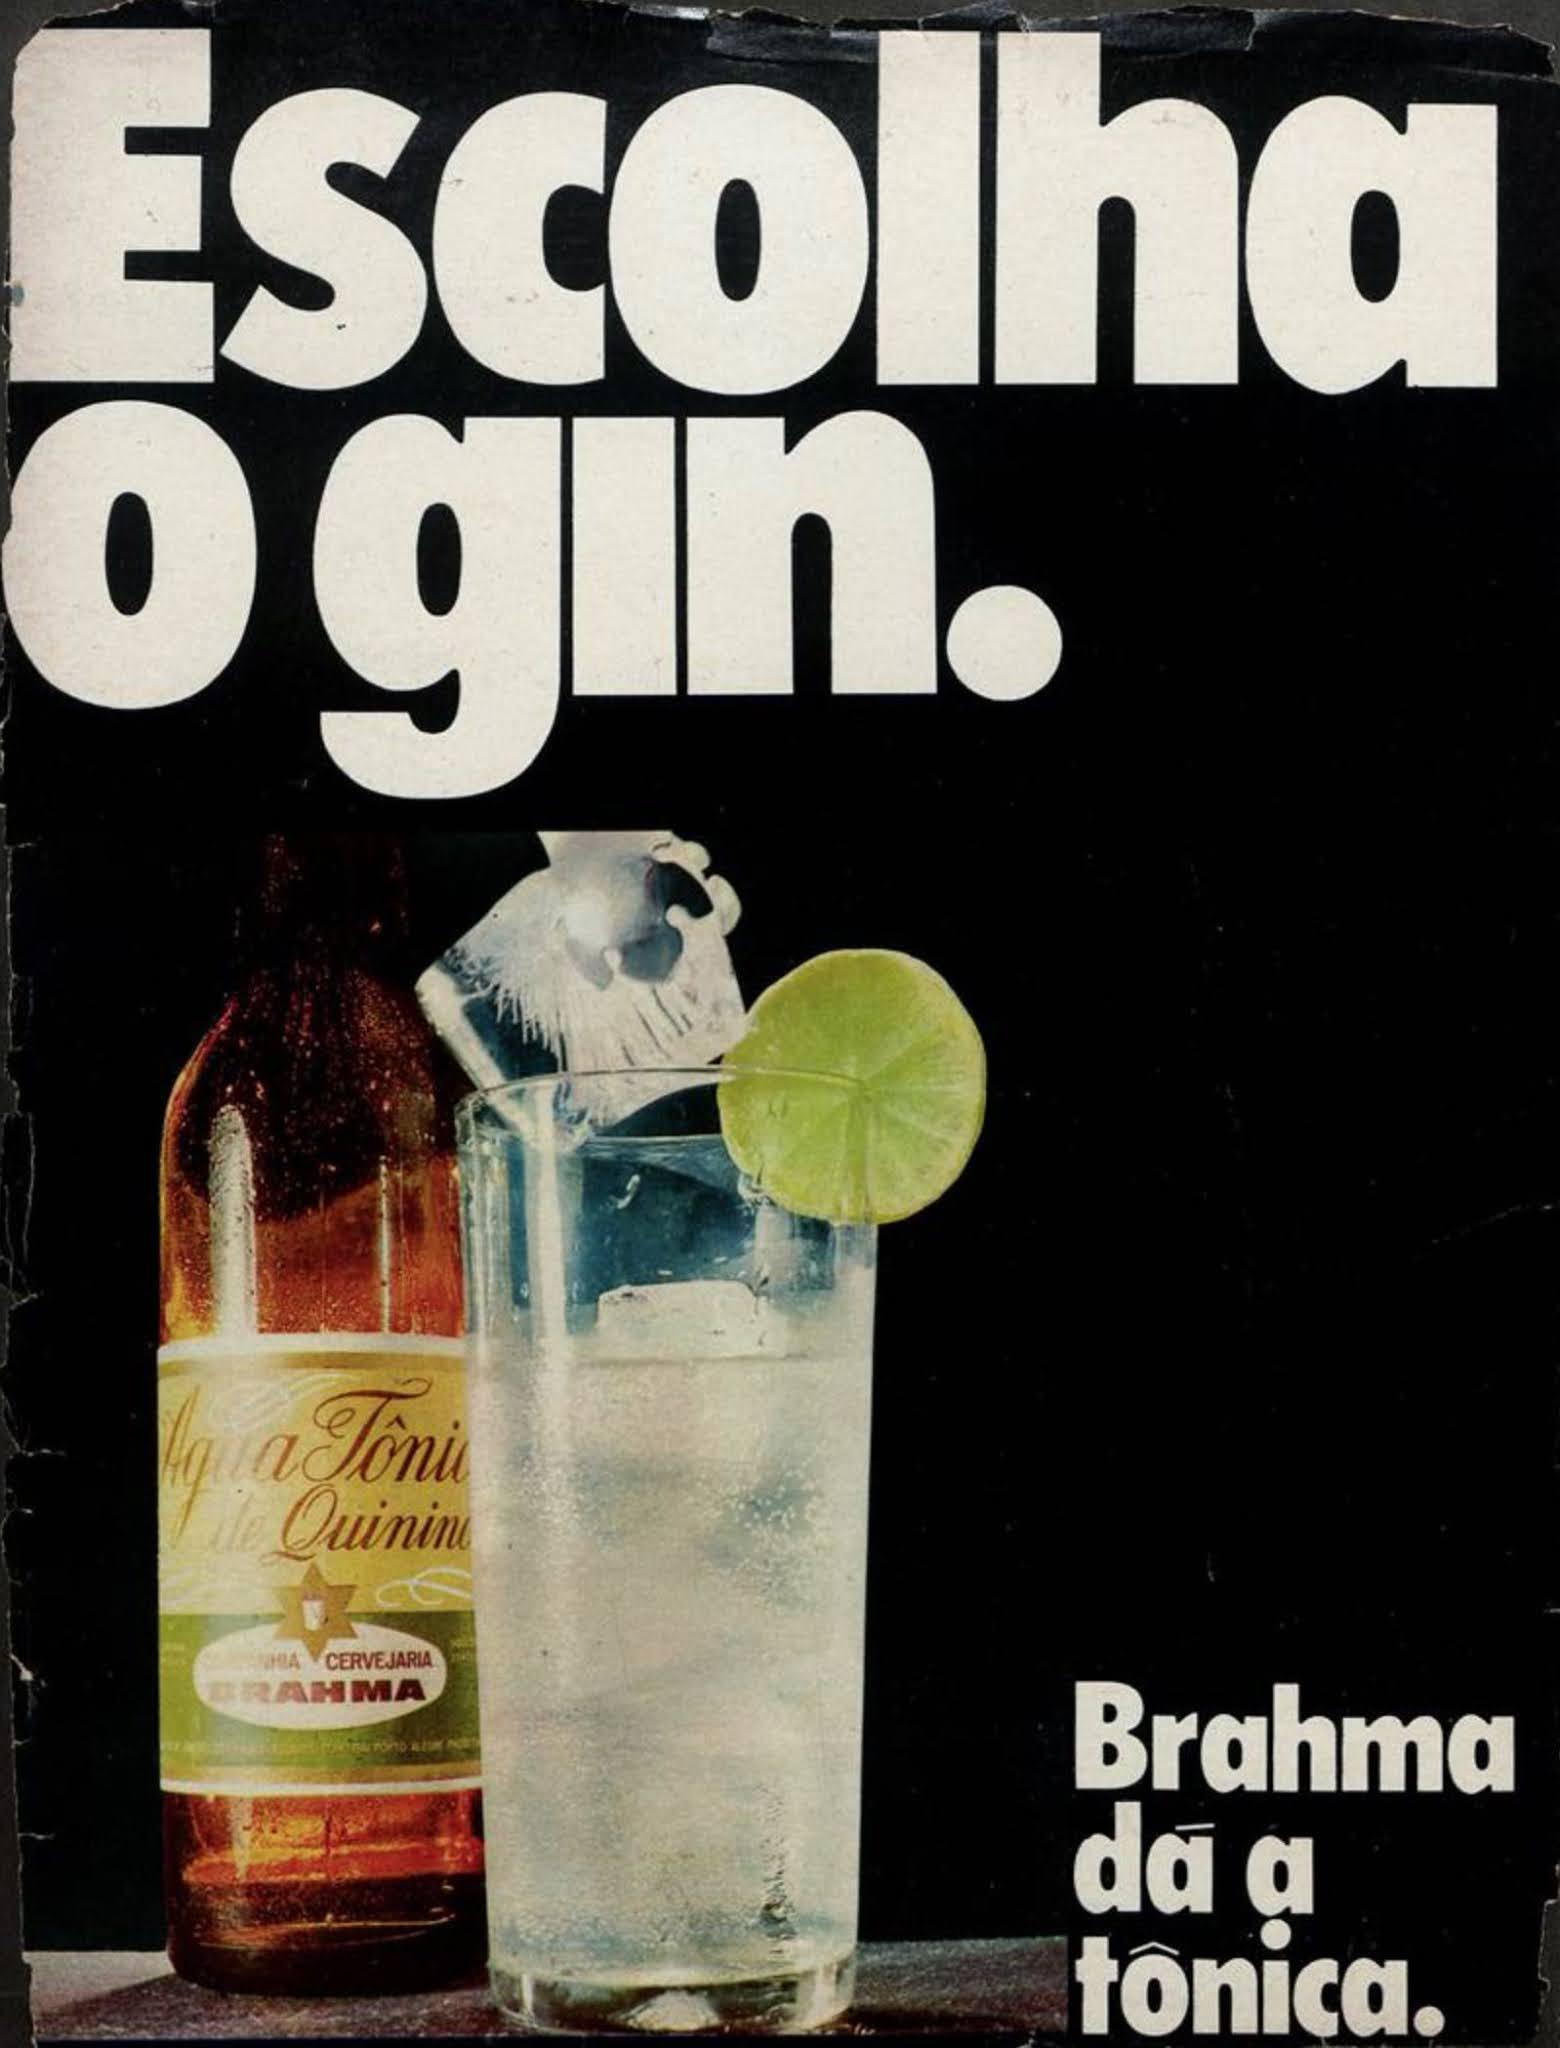 Anúncio da Brahma veiculado em 1970 promovendo sua água tônica